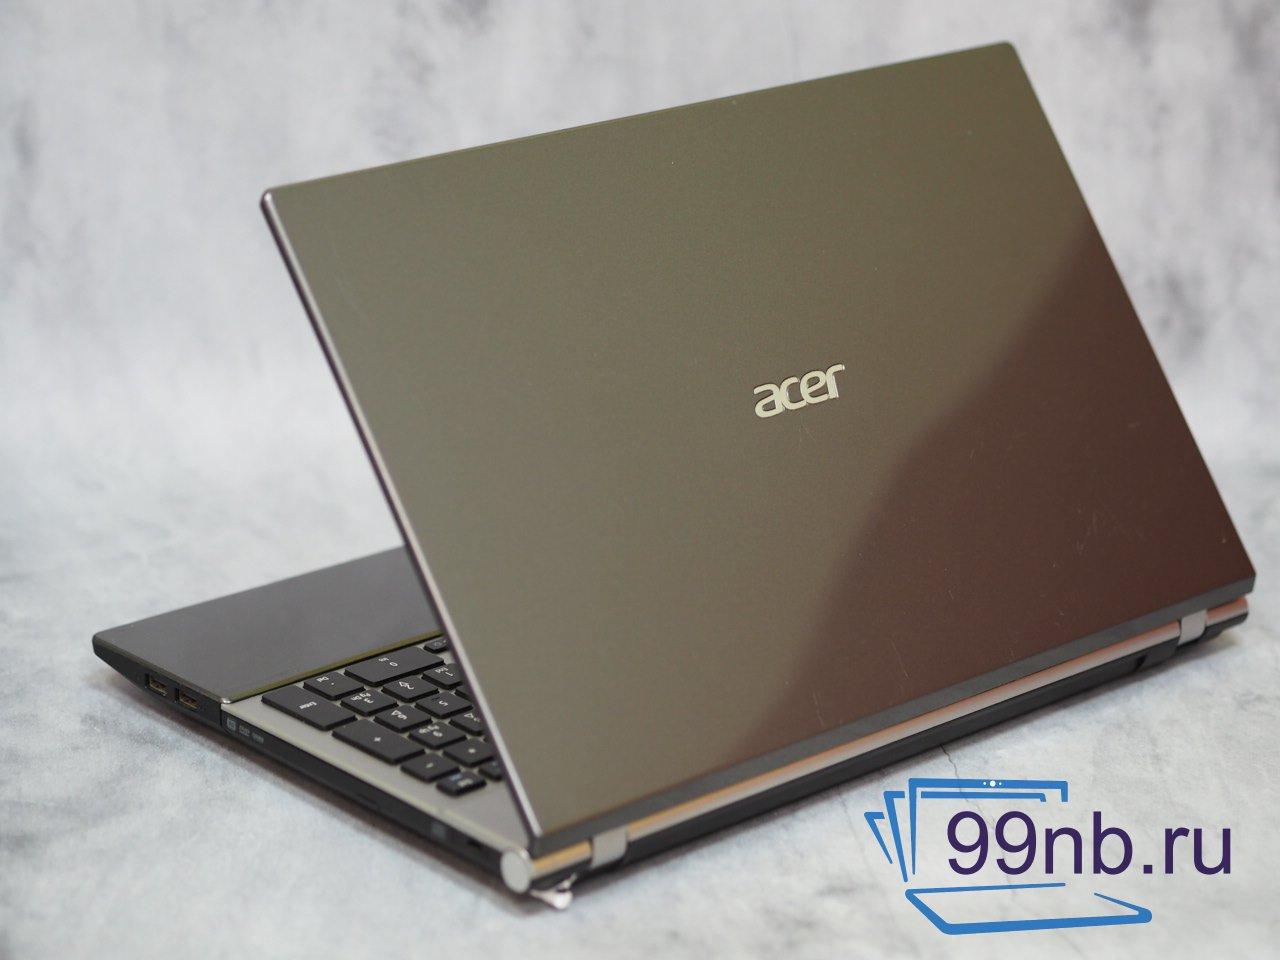 Супер Акция Acer для работы с музыкой/видео/фото